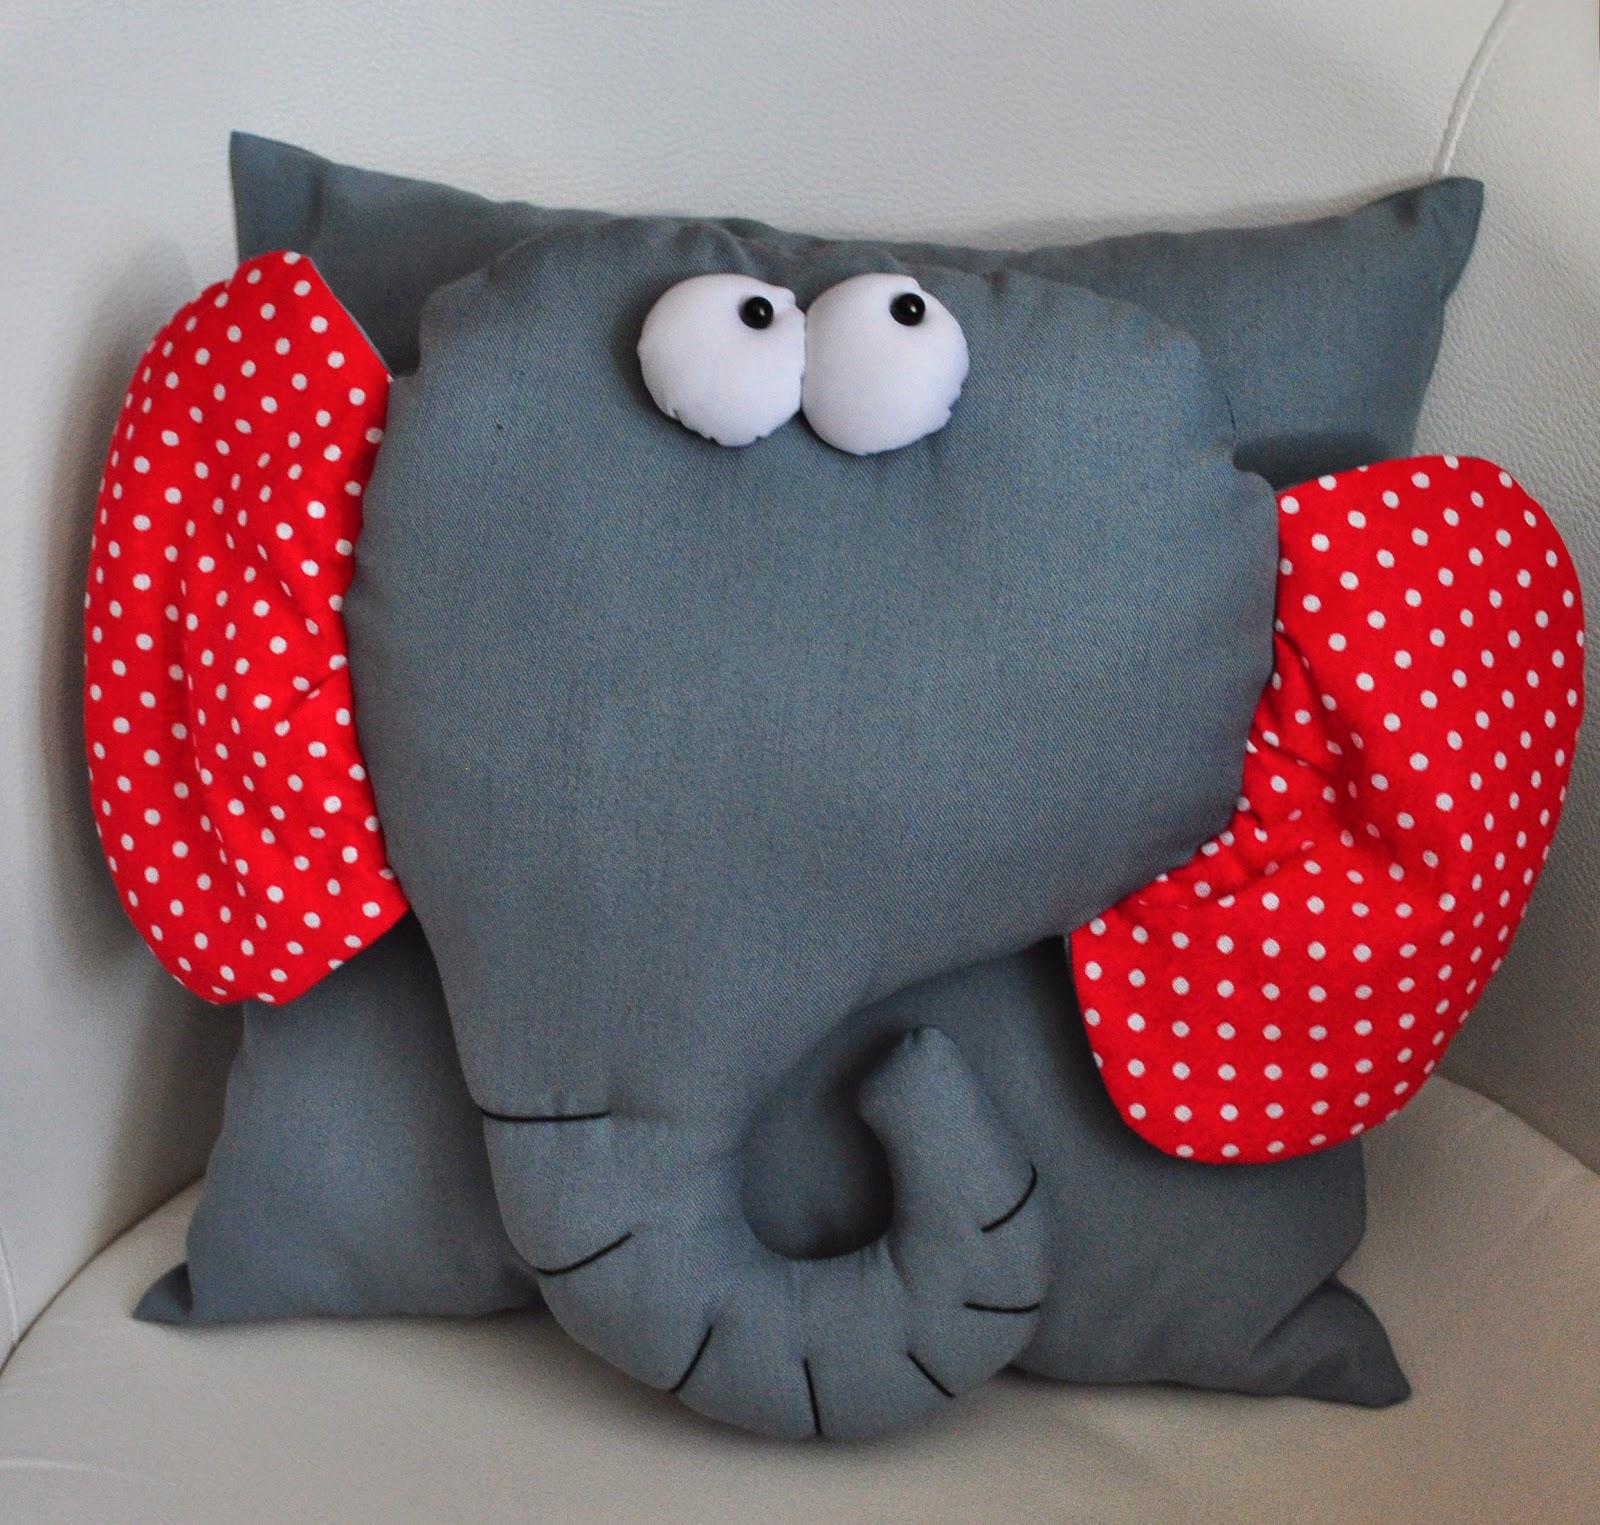 Сшить мягкую игрушку-подушку своими руками